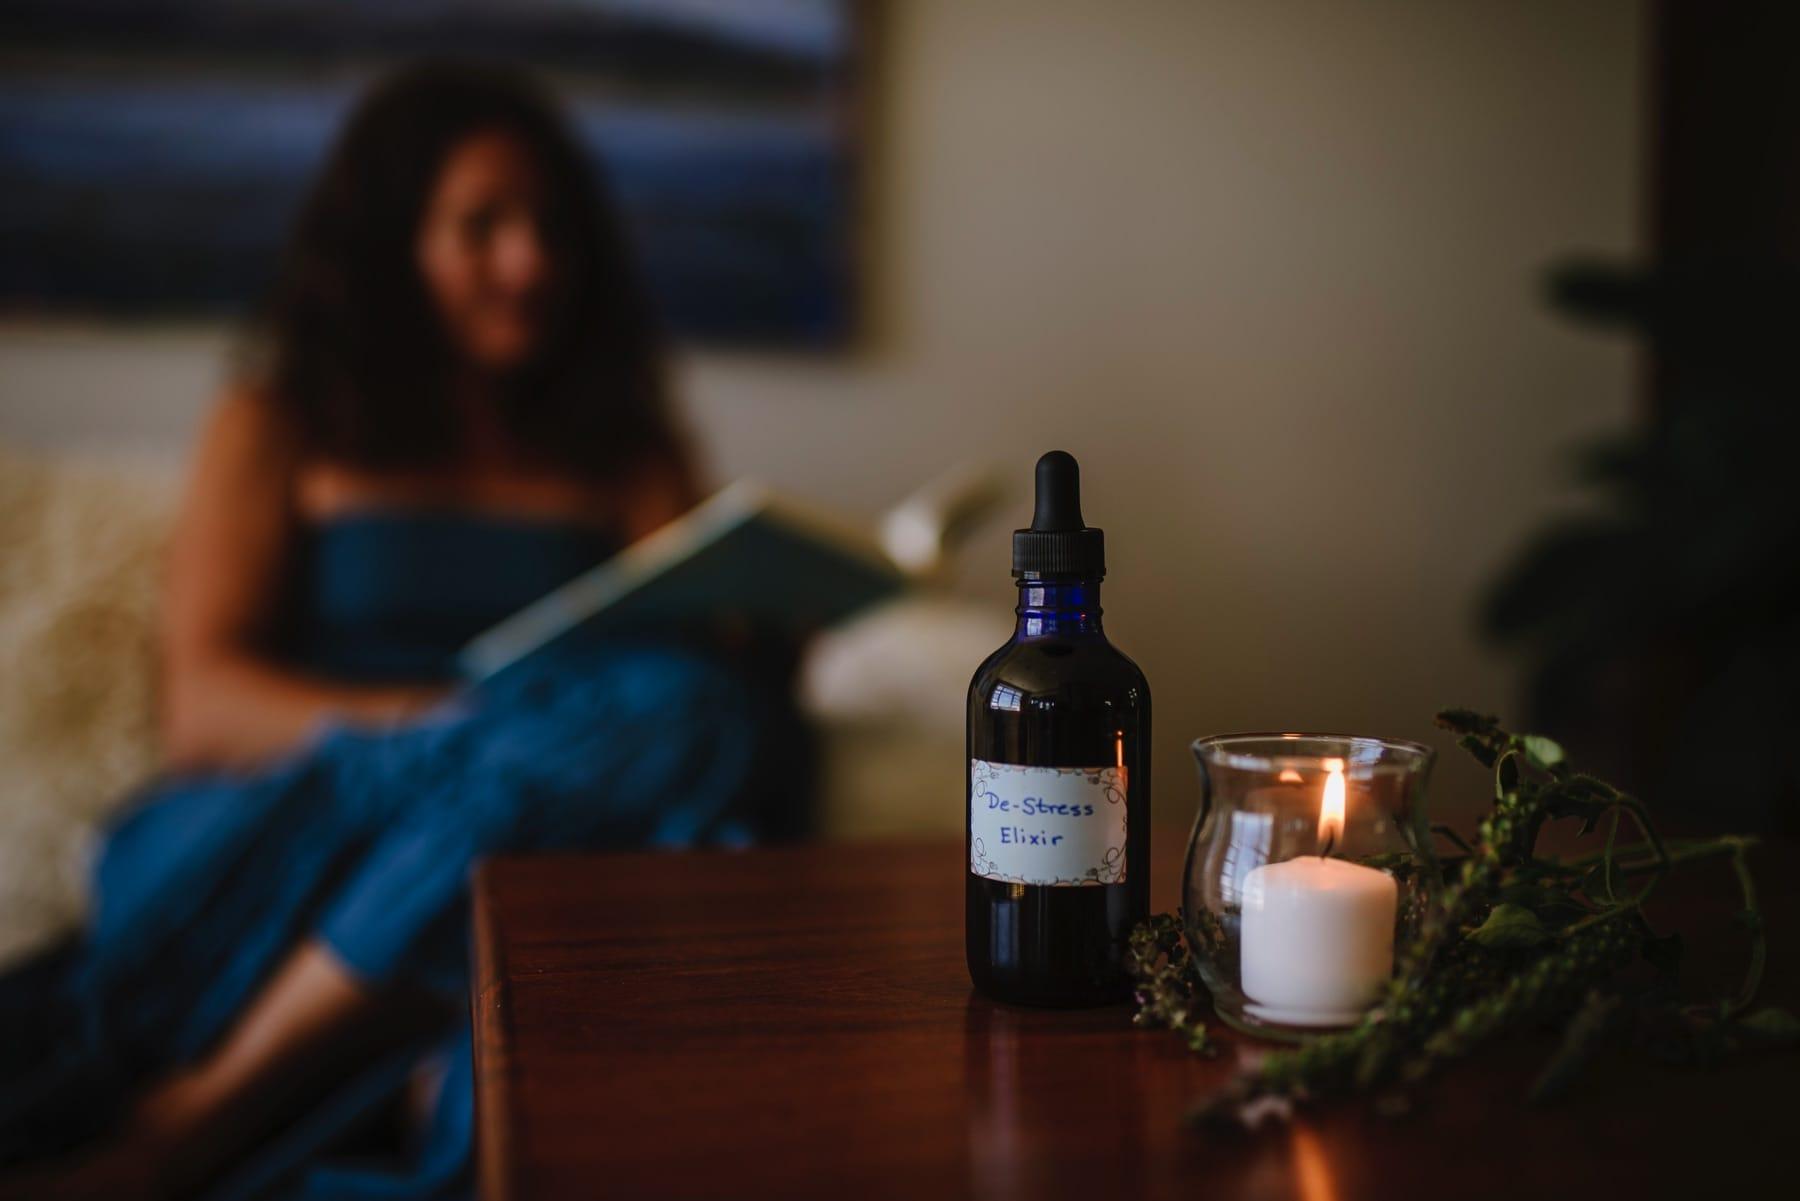 De-Stress Elixir